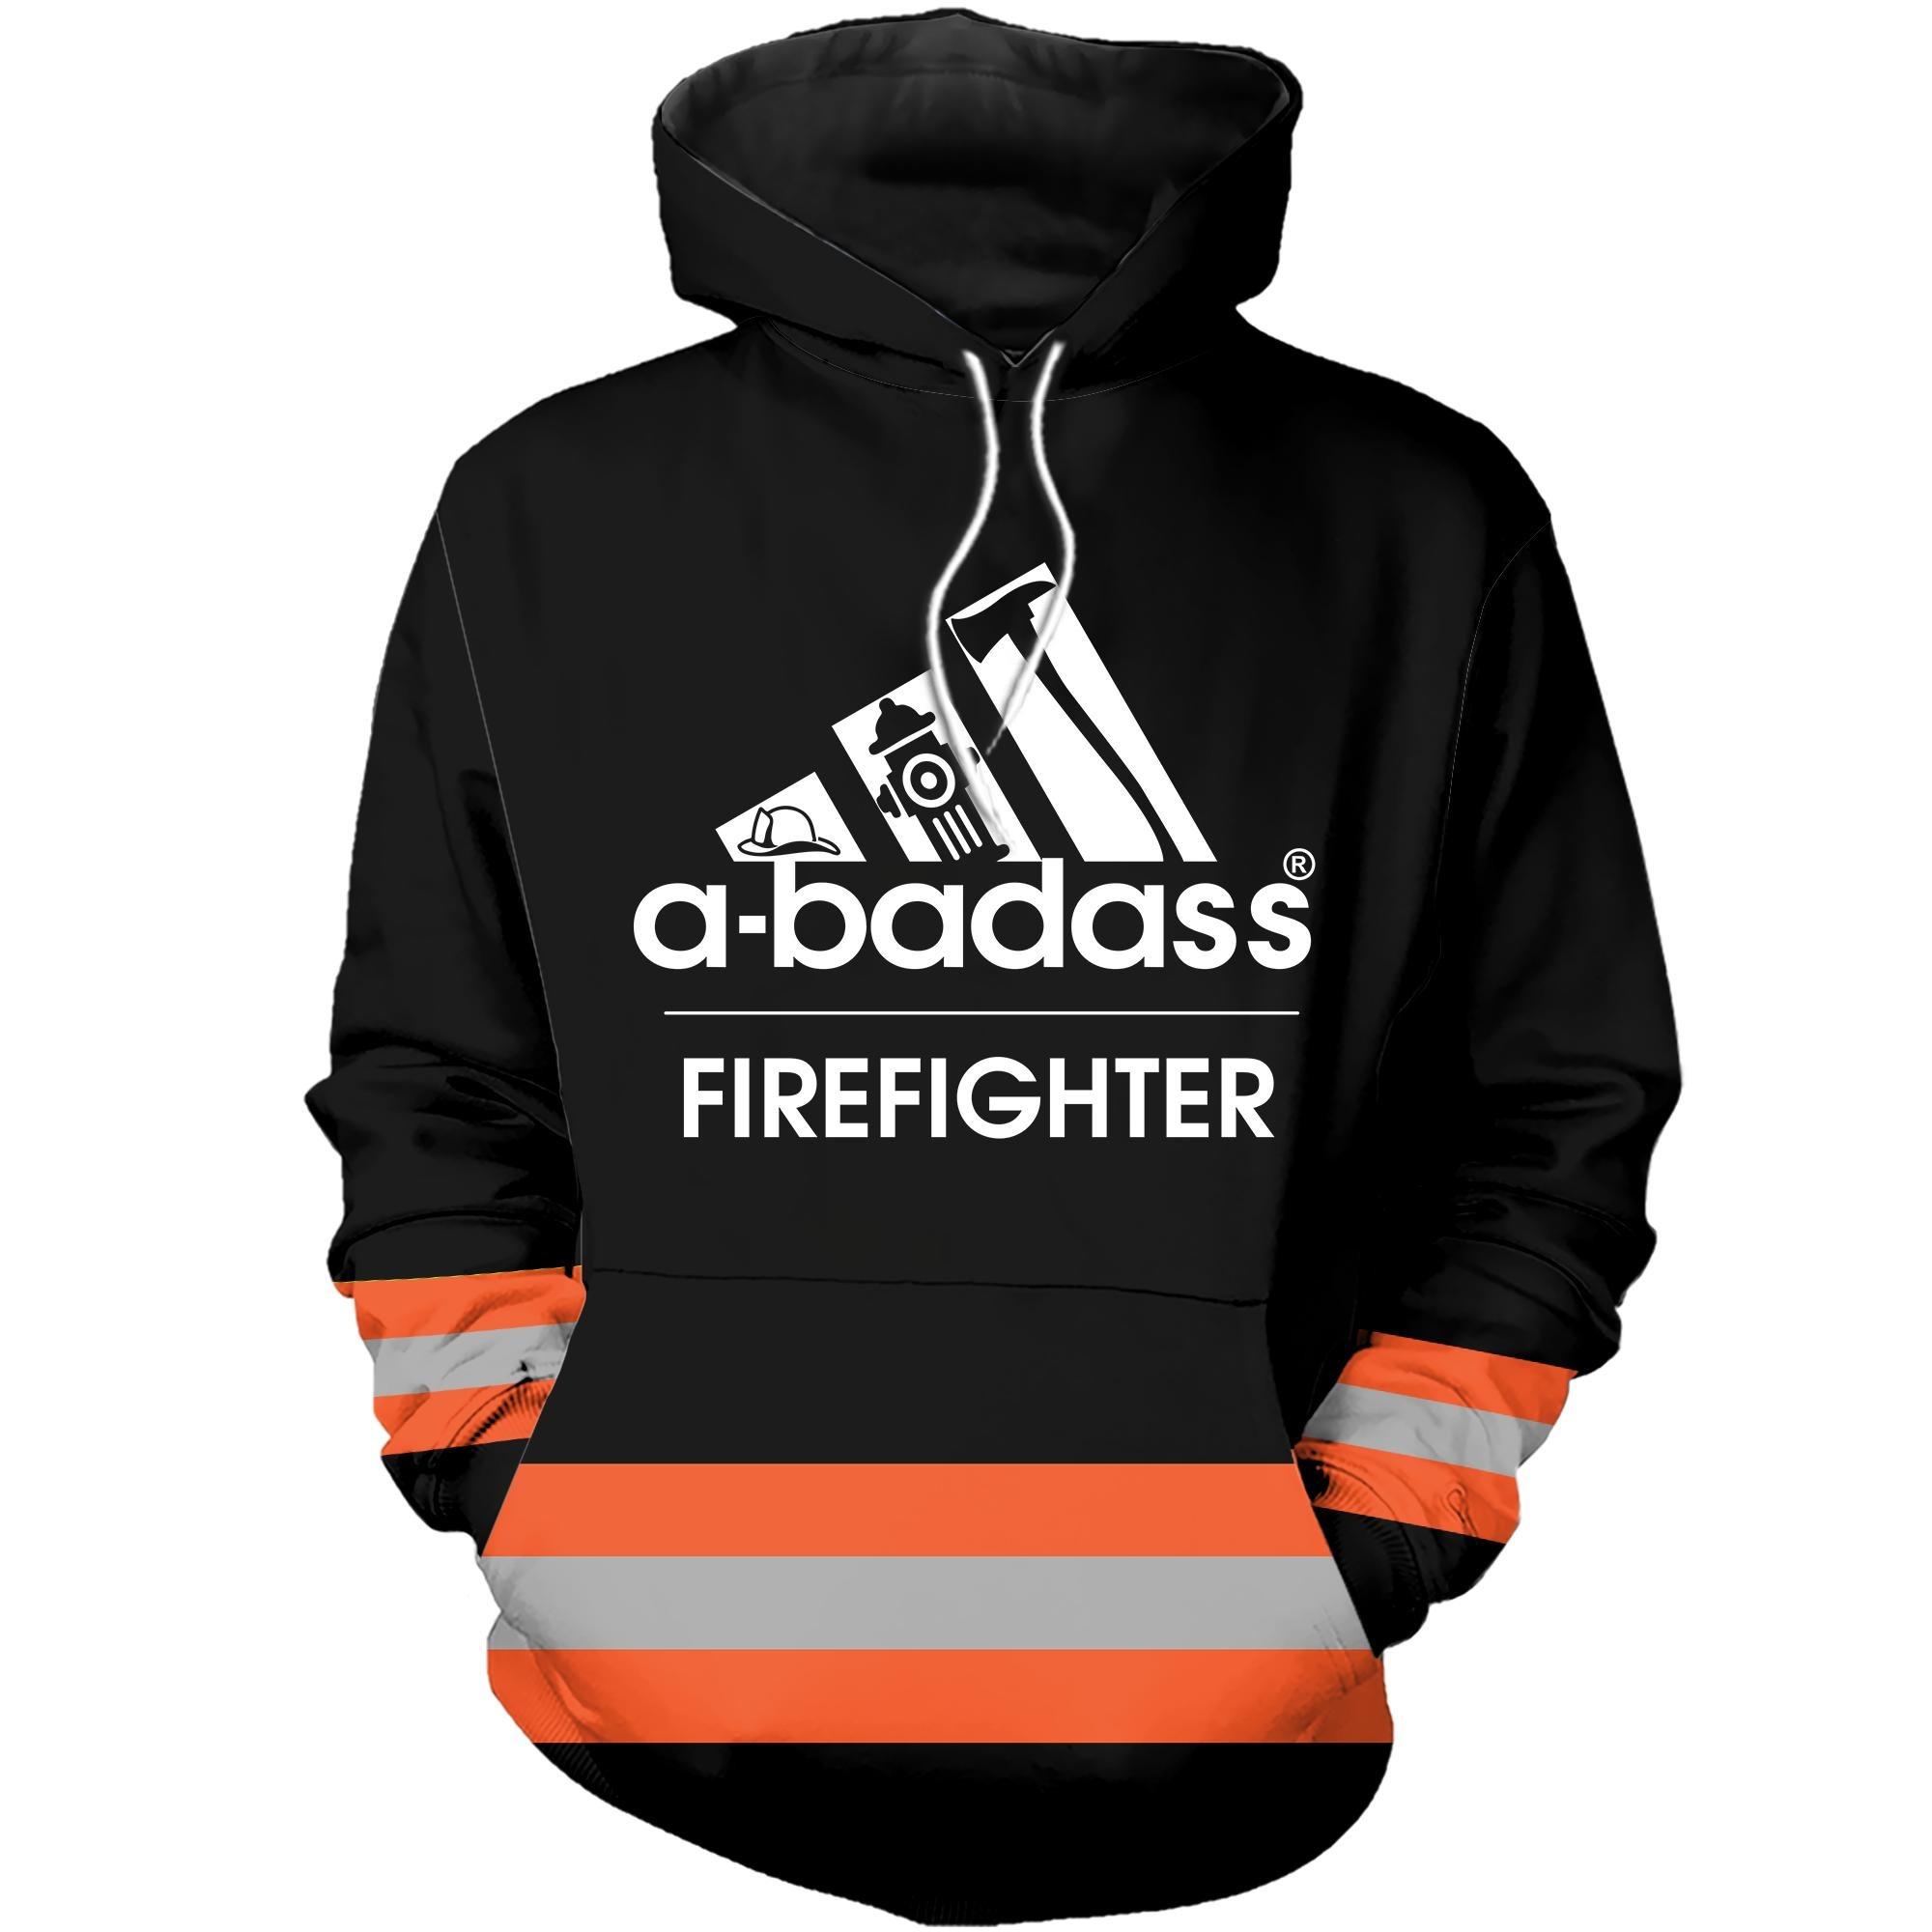 A badass firefighter 3D cool hoodie